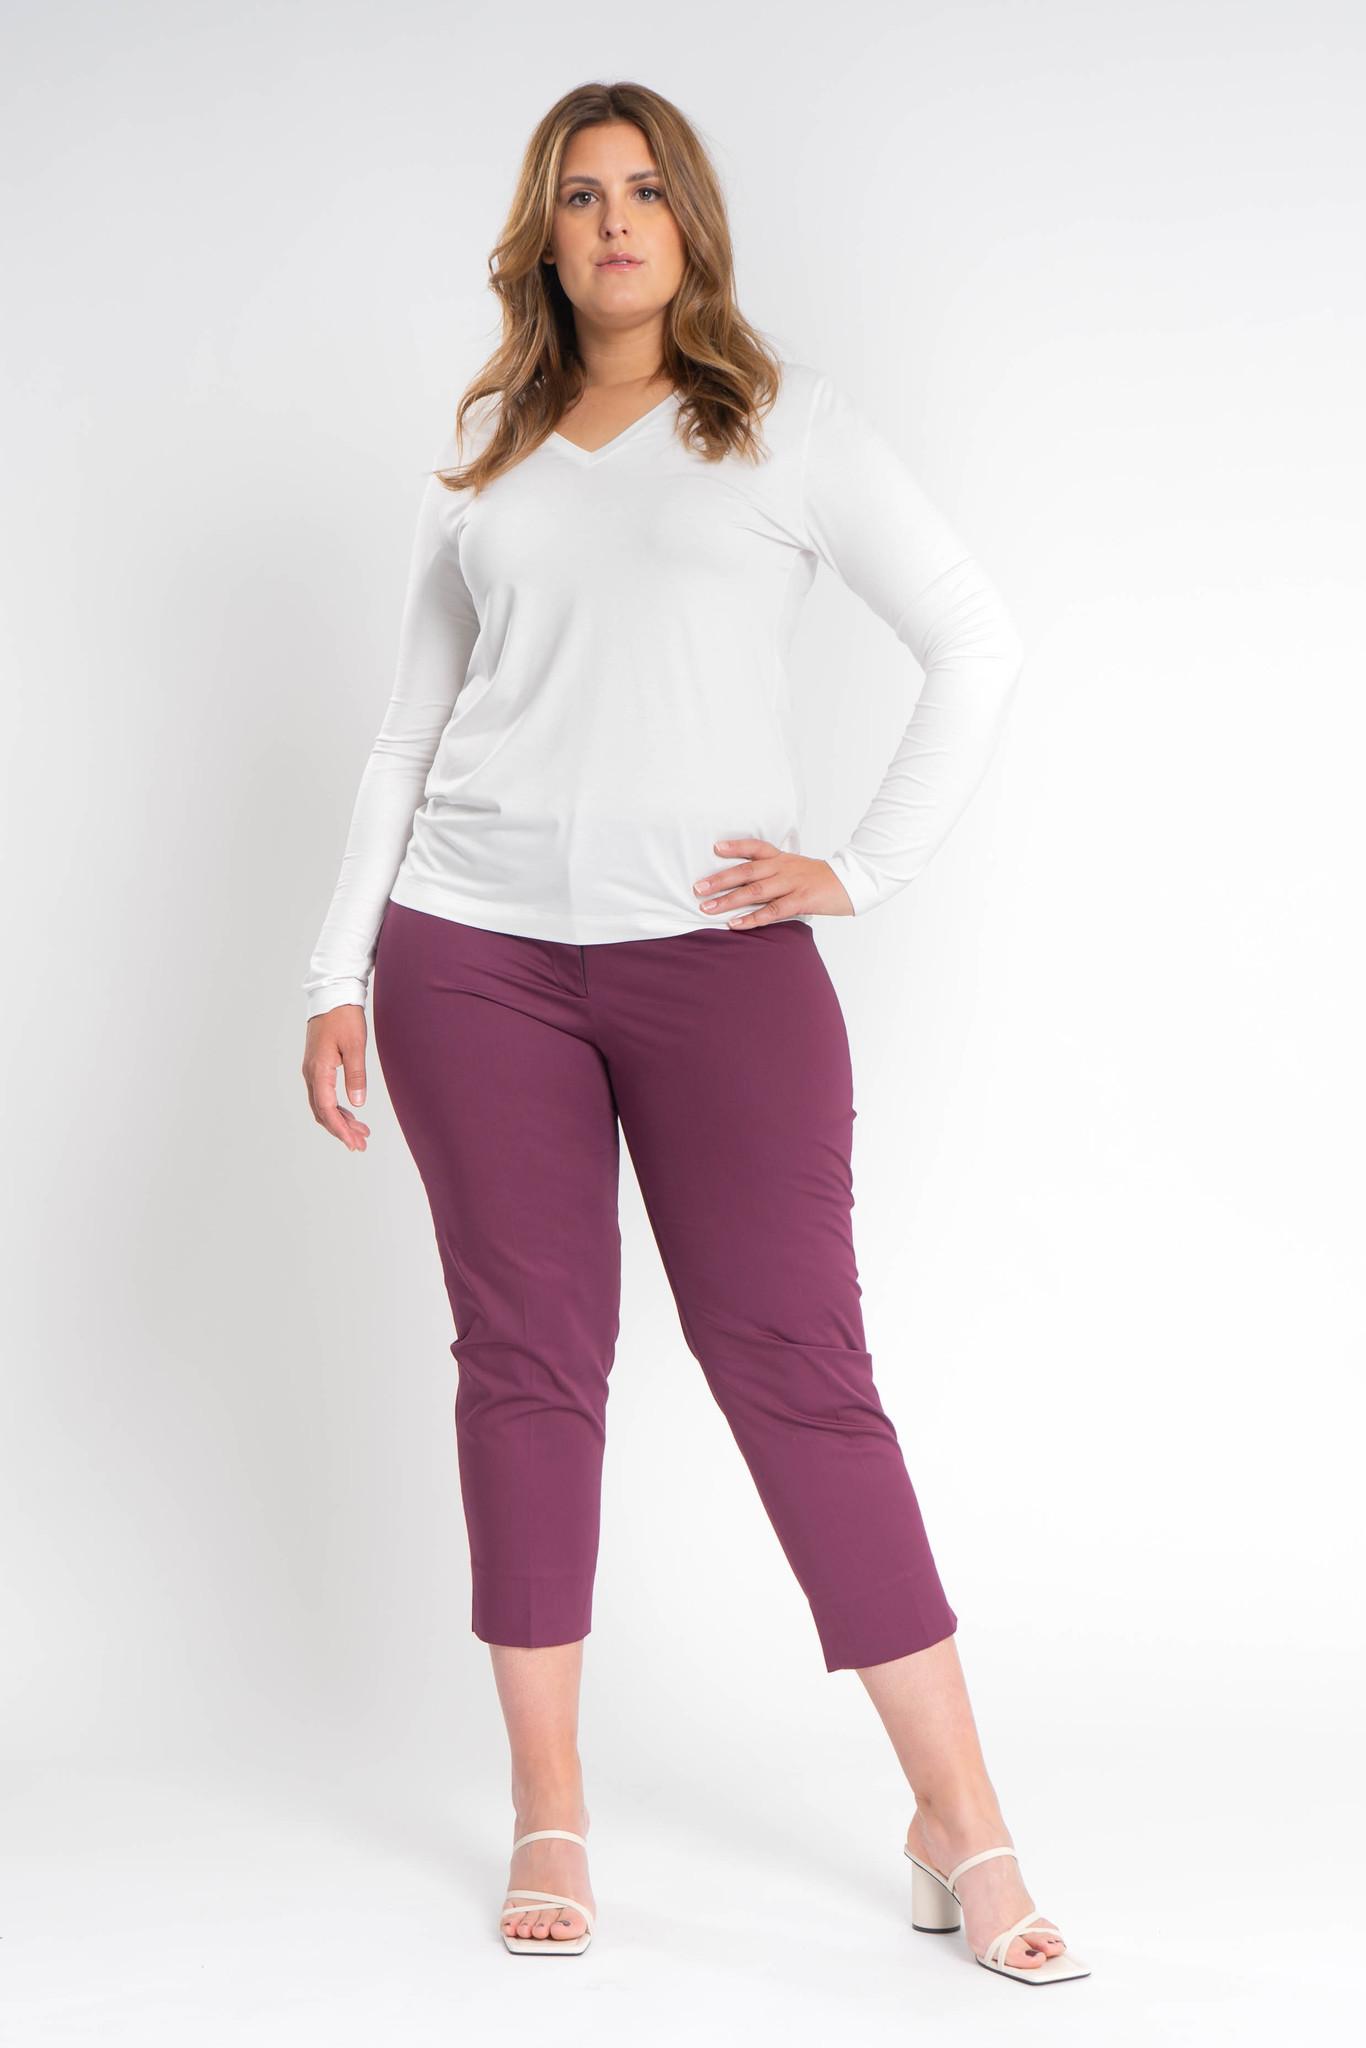 MIU Trousers in Cotton stretch-2